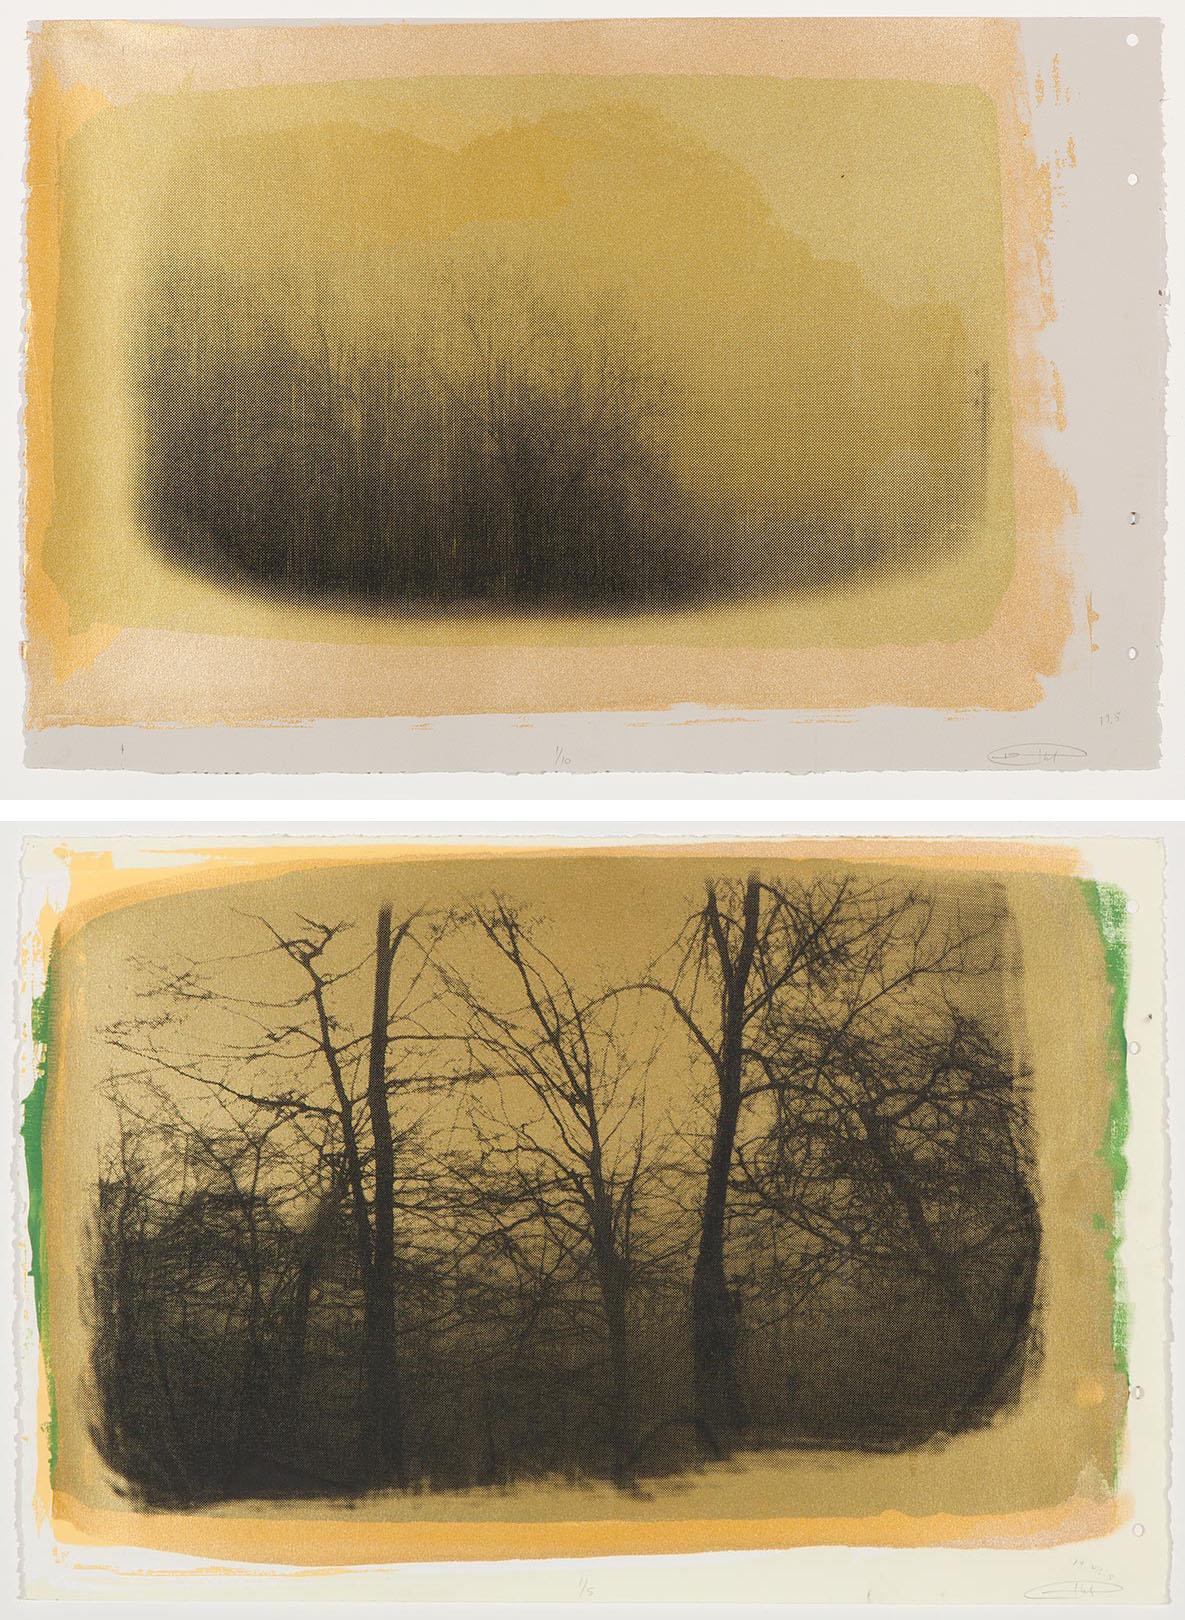 Evan Rottet - Bruma Winter